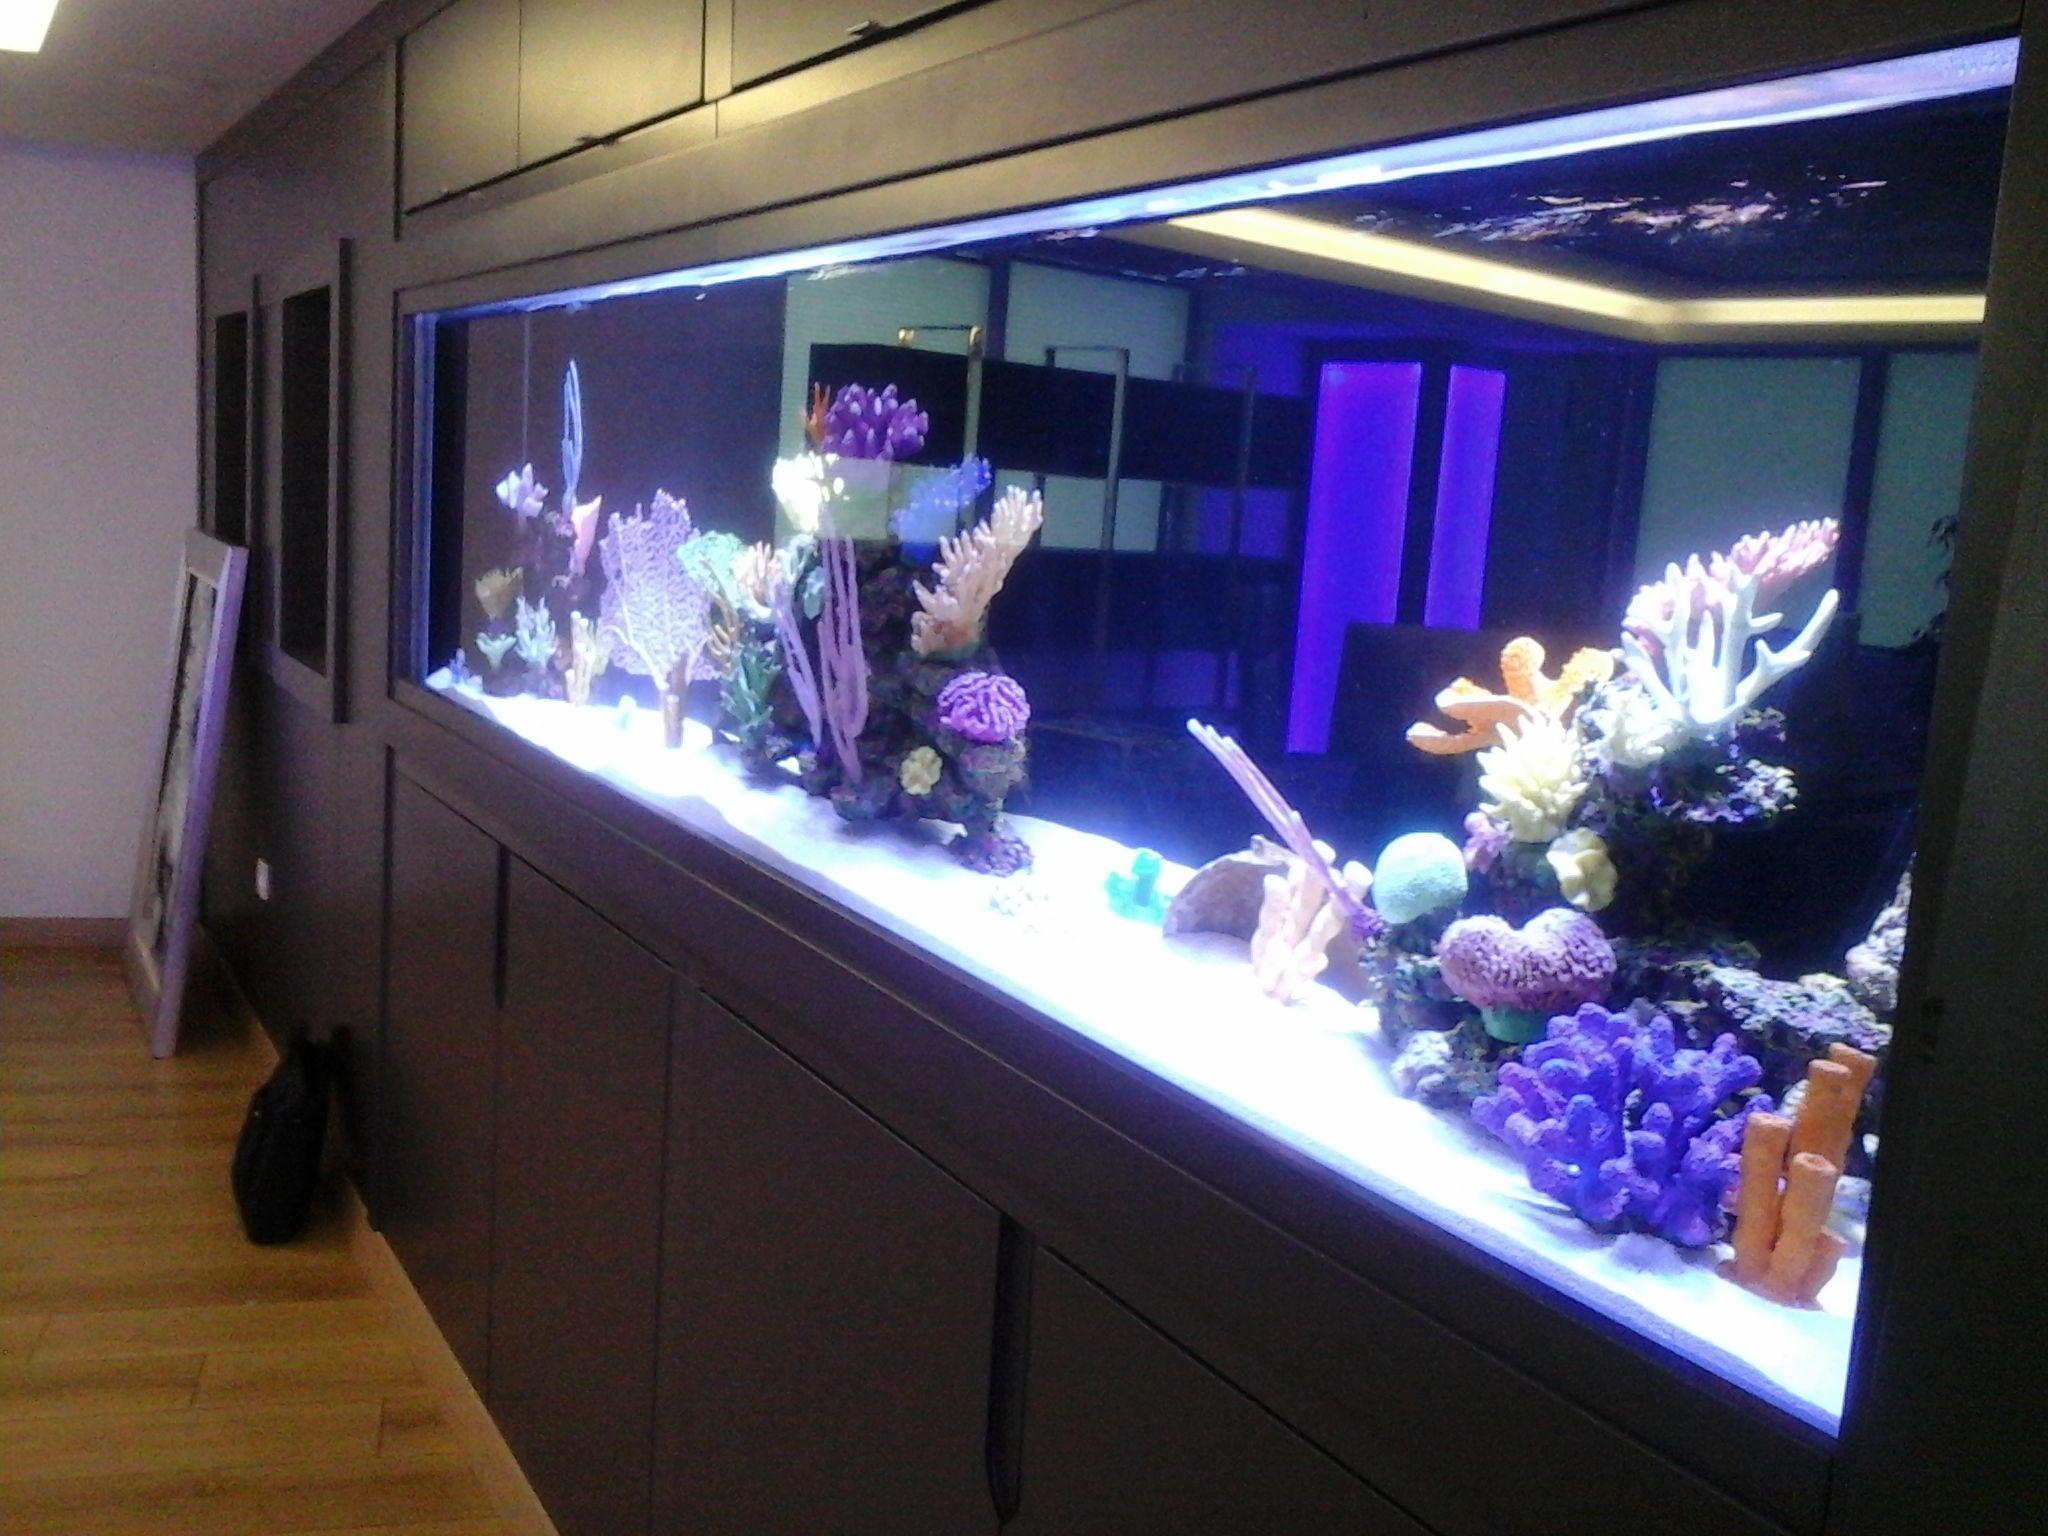 4e35d893df5c9a5e0de0c87020a07d0e Frais De Aquarium Avec Meuble Schème